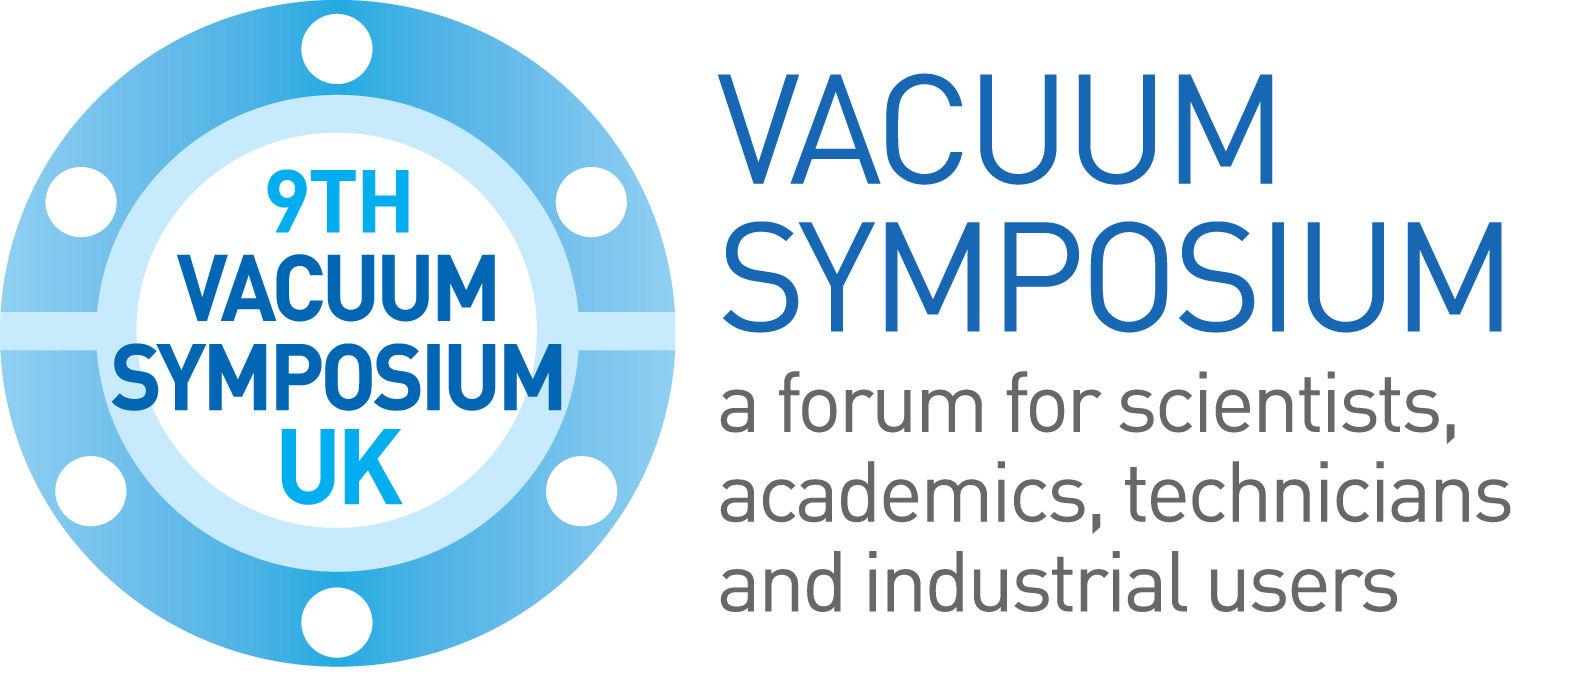 Vacuum Symposium 9